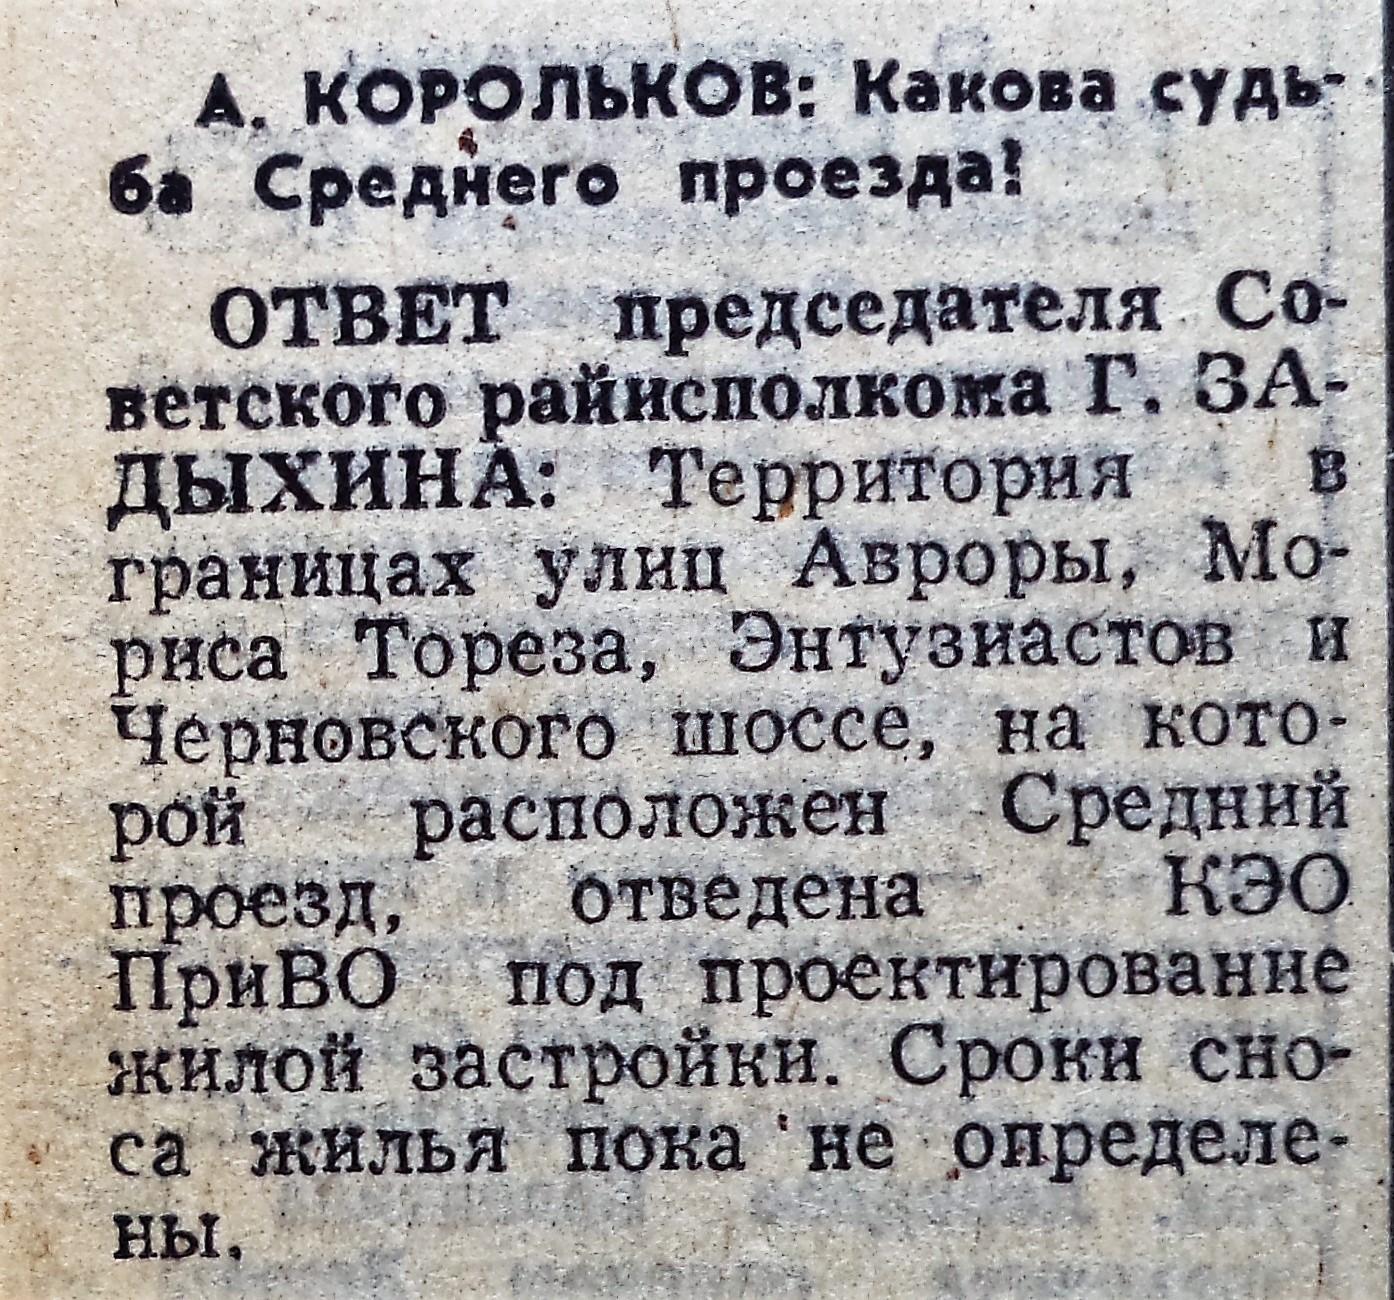 Средний-ФОТО-02-ВЗя-1982-12-11-о судьбе Среднего проезда